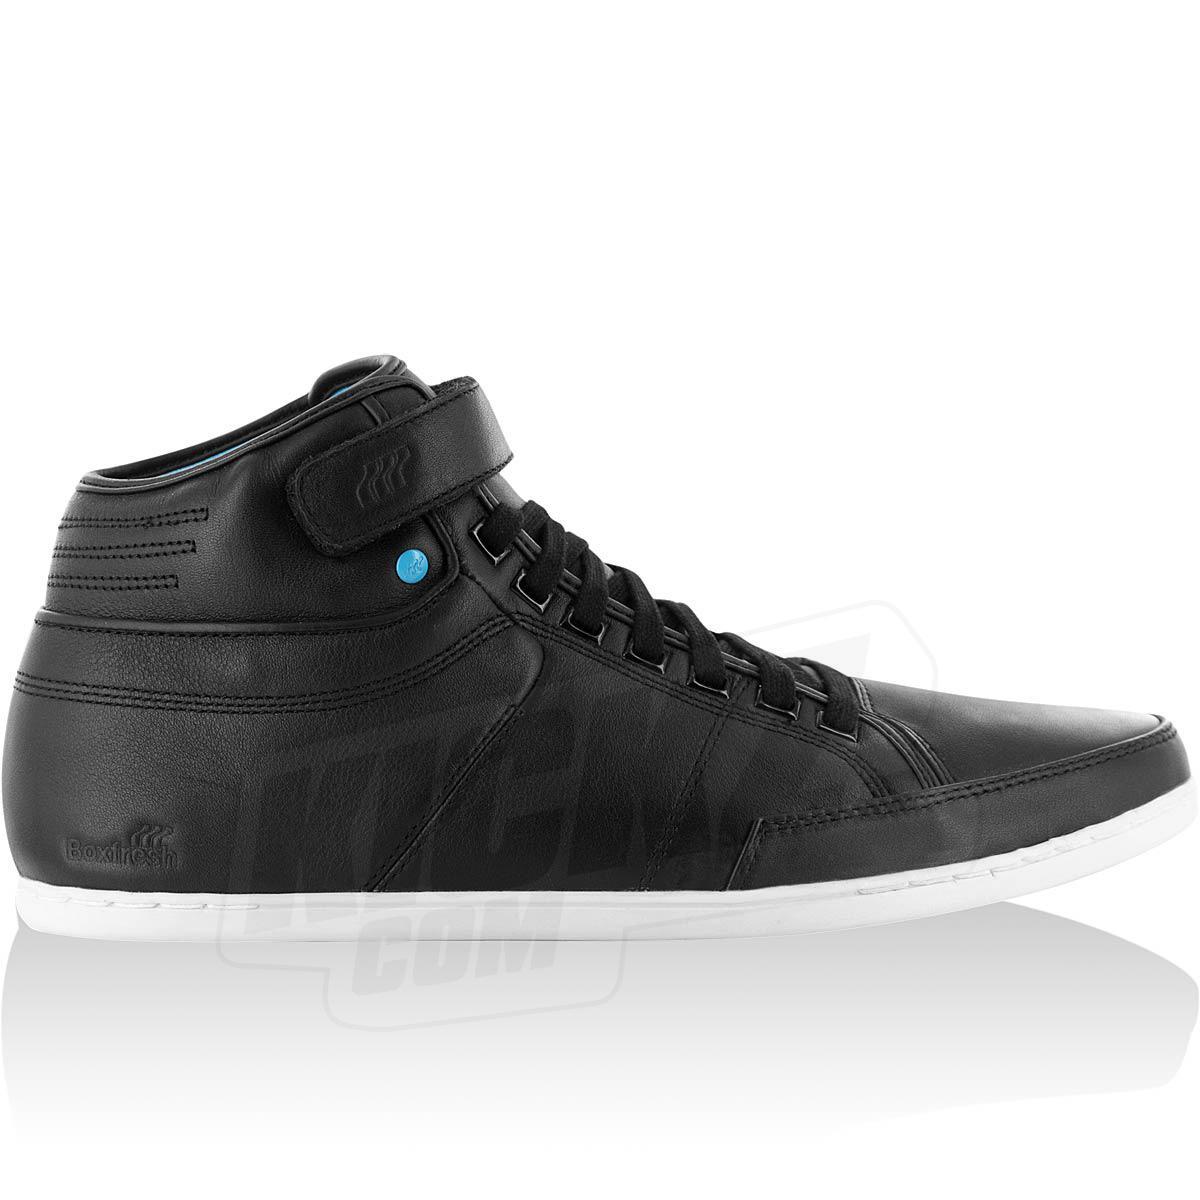 Sélection de Baskets Boxfresh en promotion - Ex : Sneaker Swich, tailles 40,41